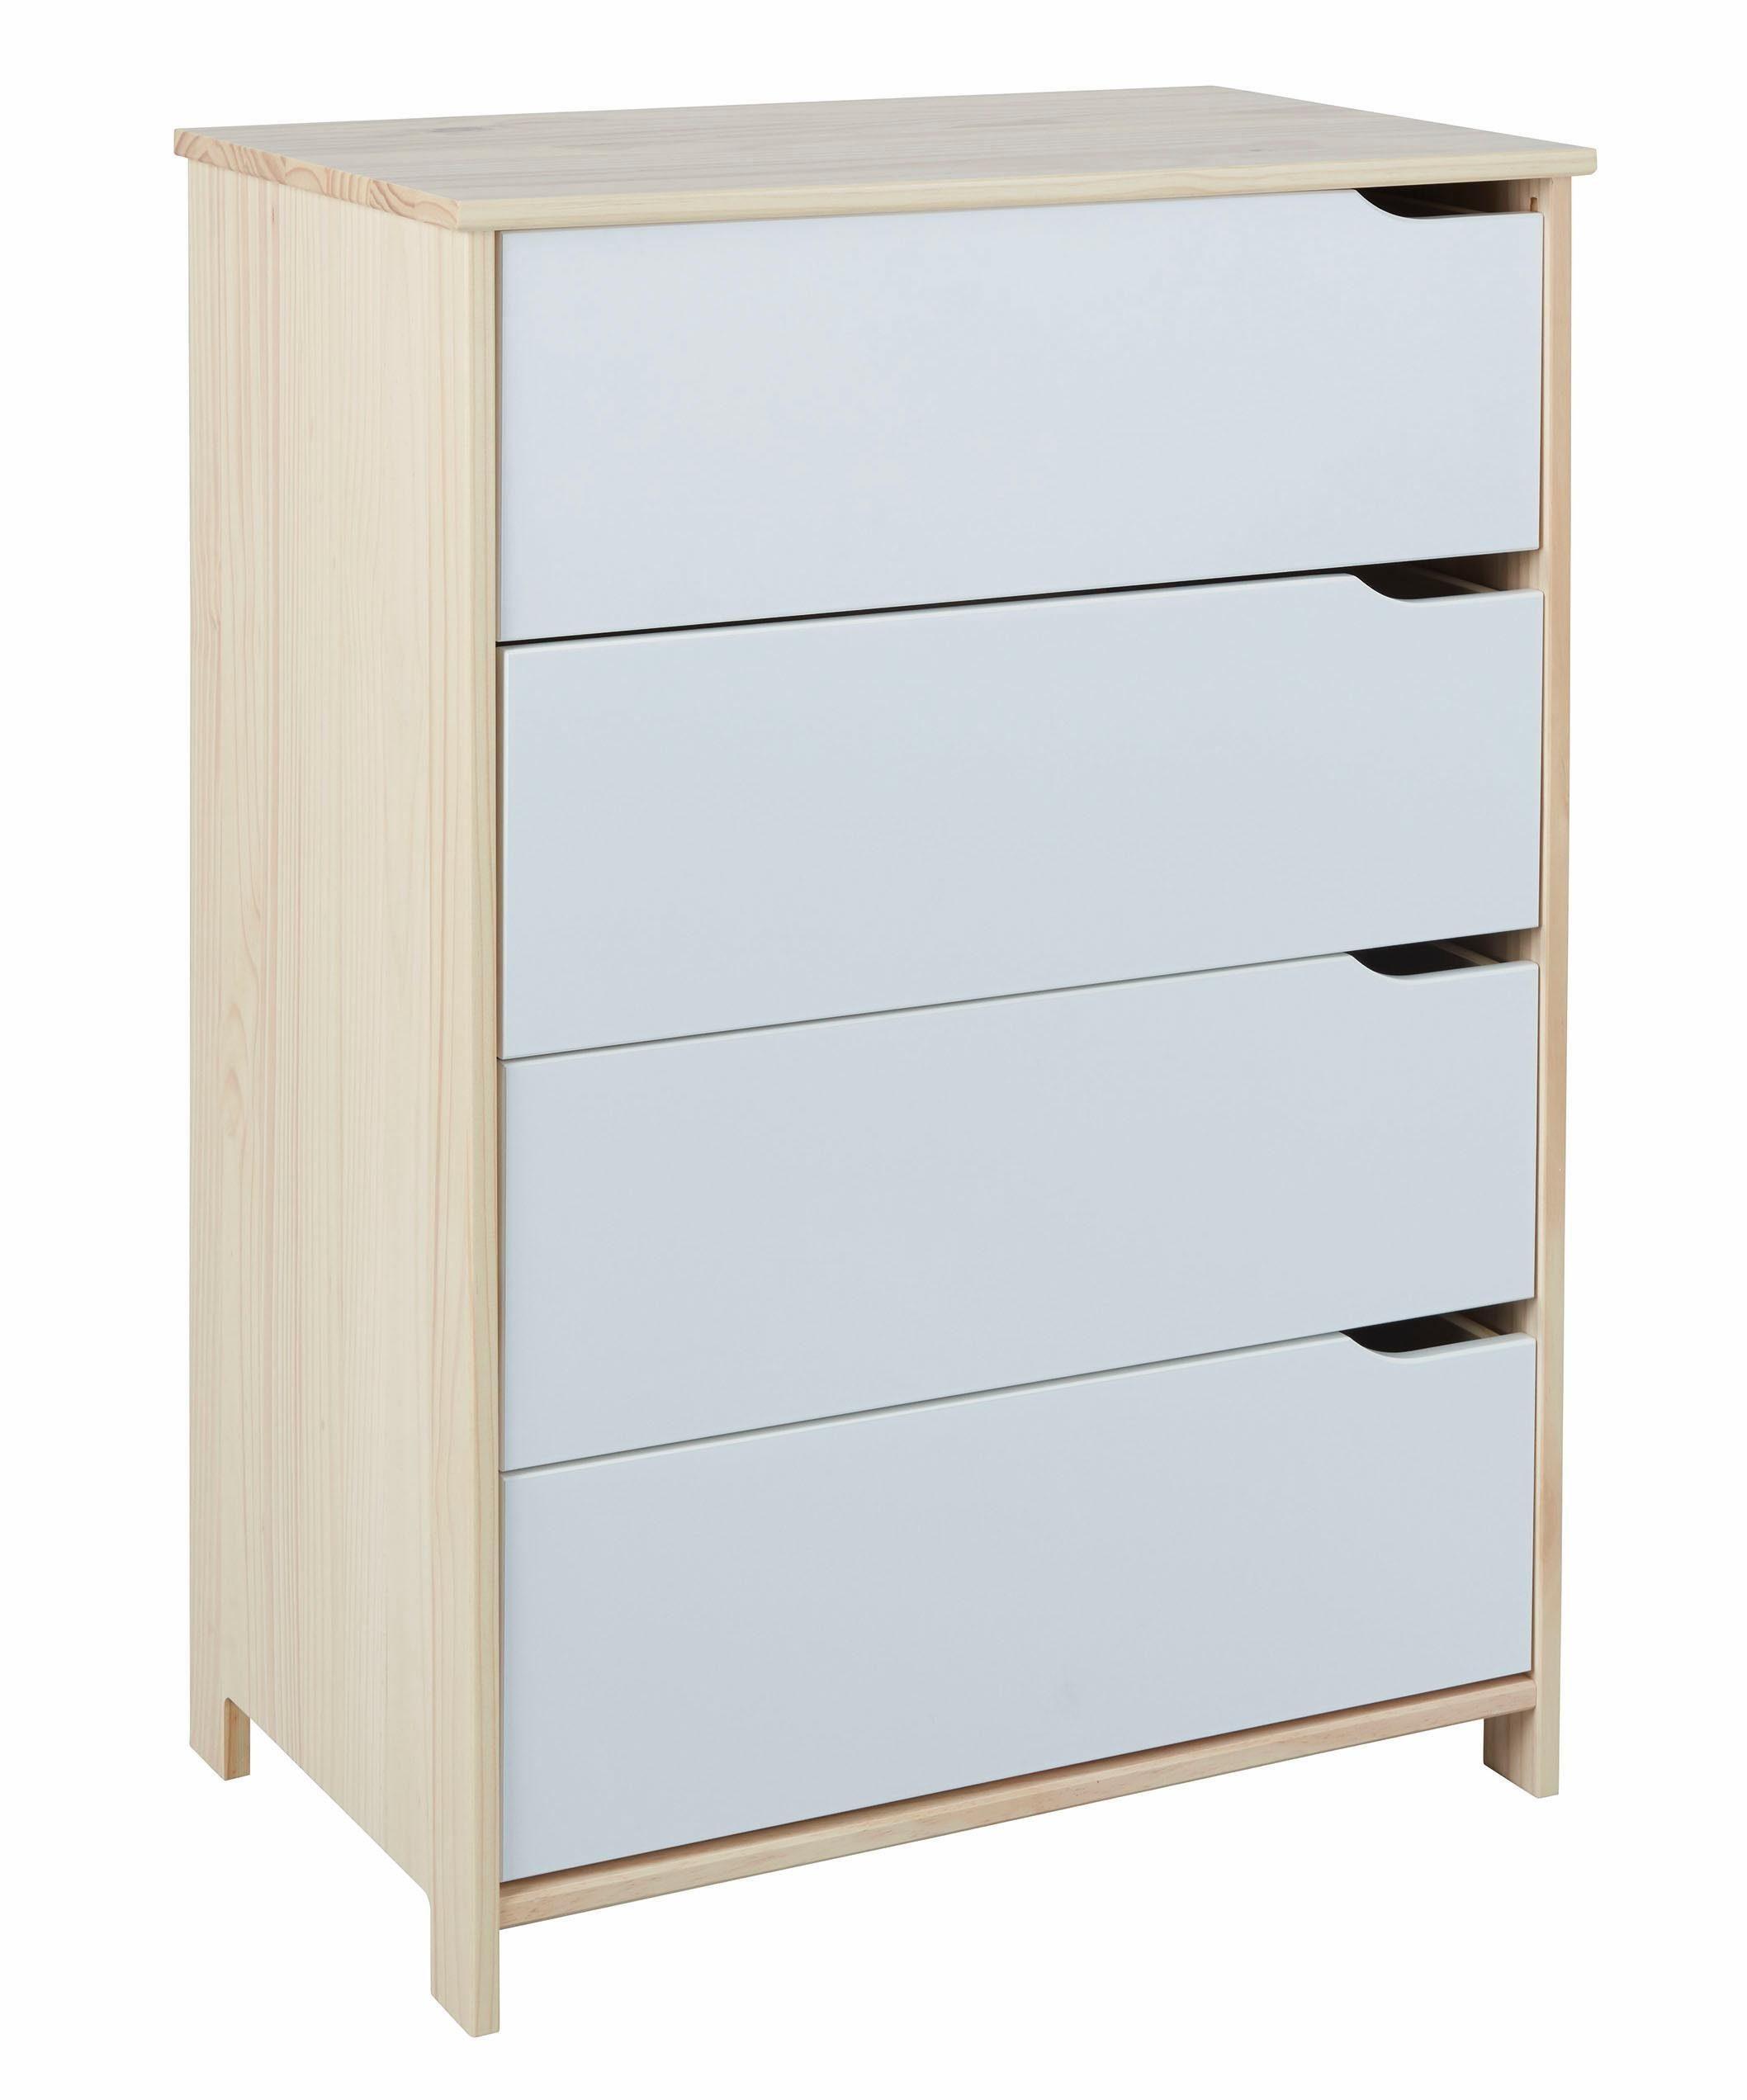 Home affaire Kommode »Matheo« mit vier Schubladen, Breite 80 cm